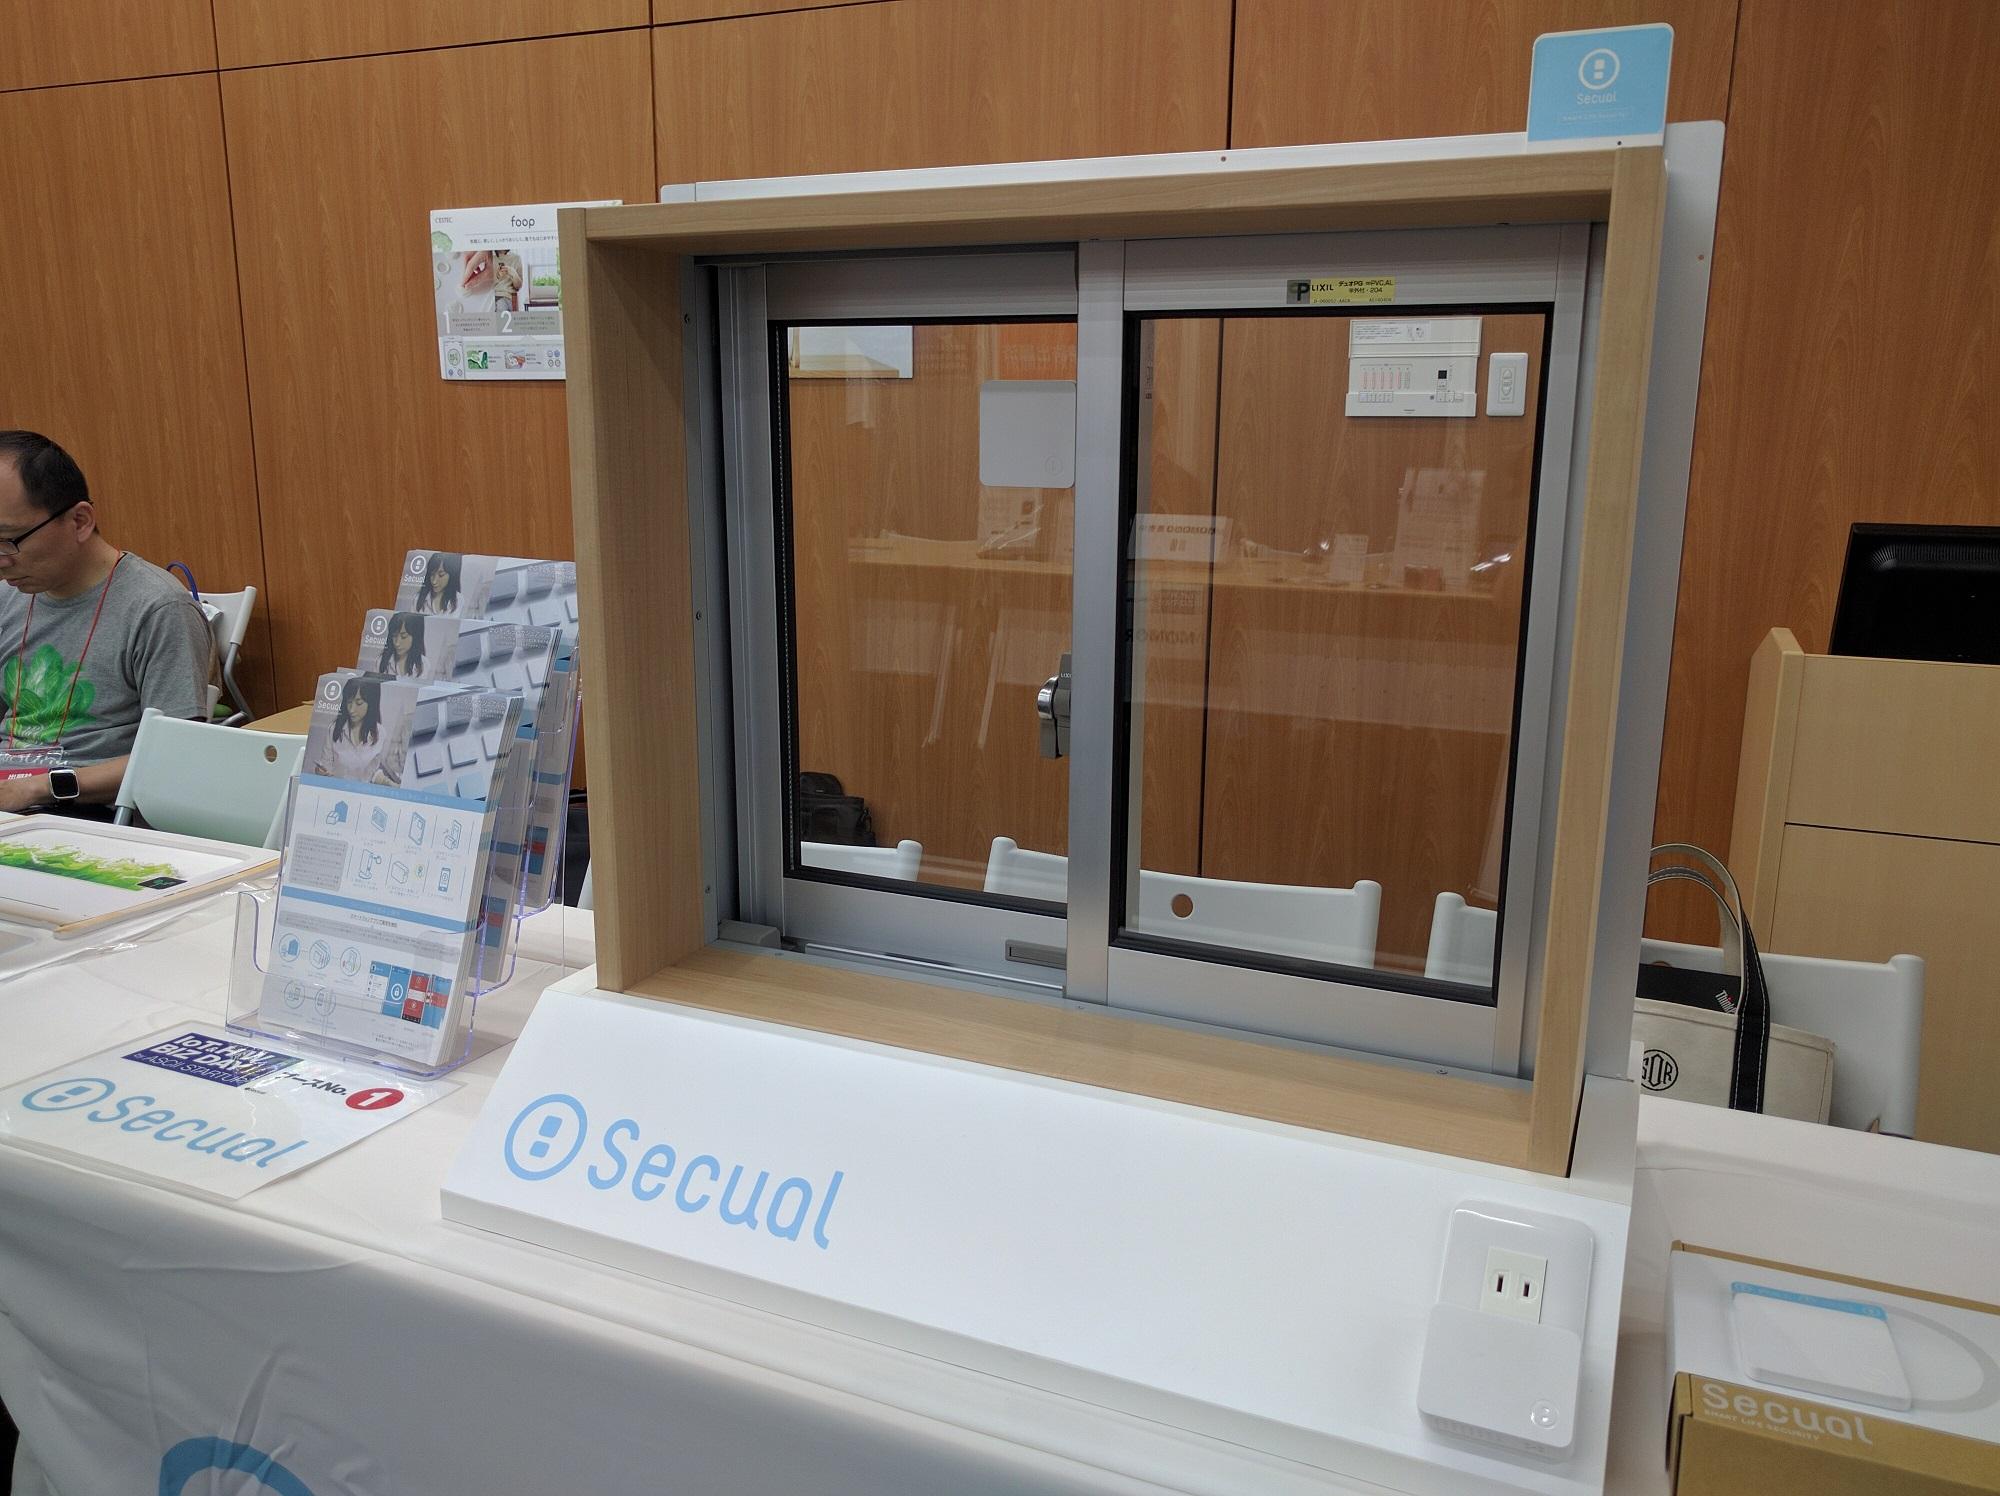 展示ブースの様子。窓を実際に動かし、警報音や発報機構についてご質問される方も